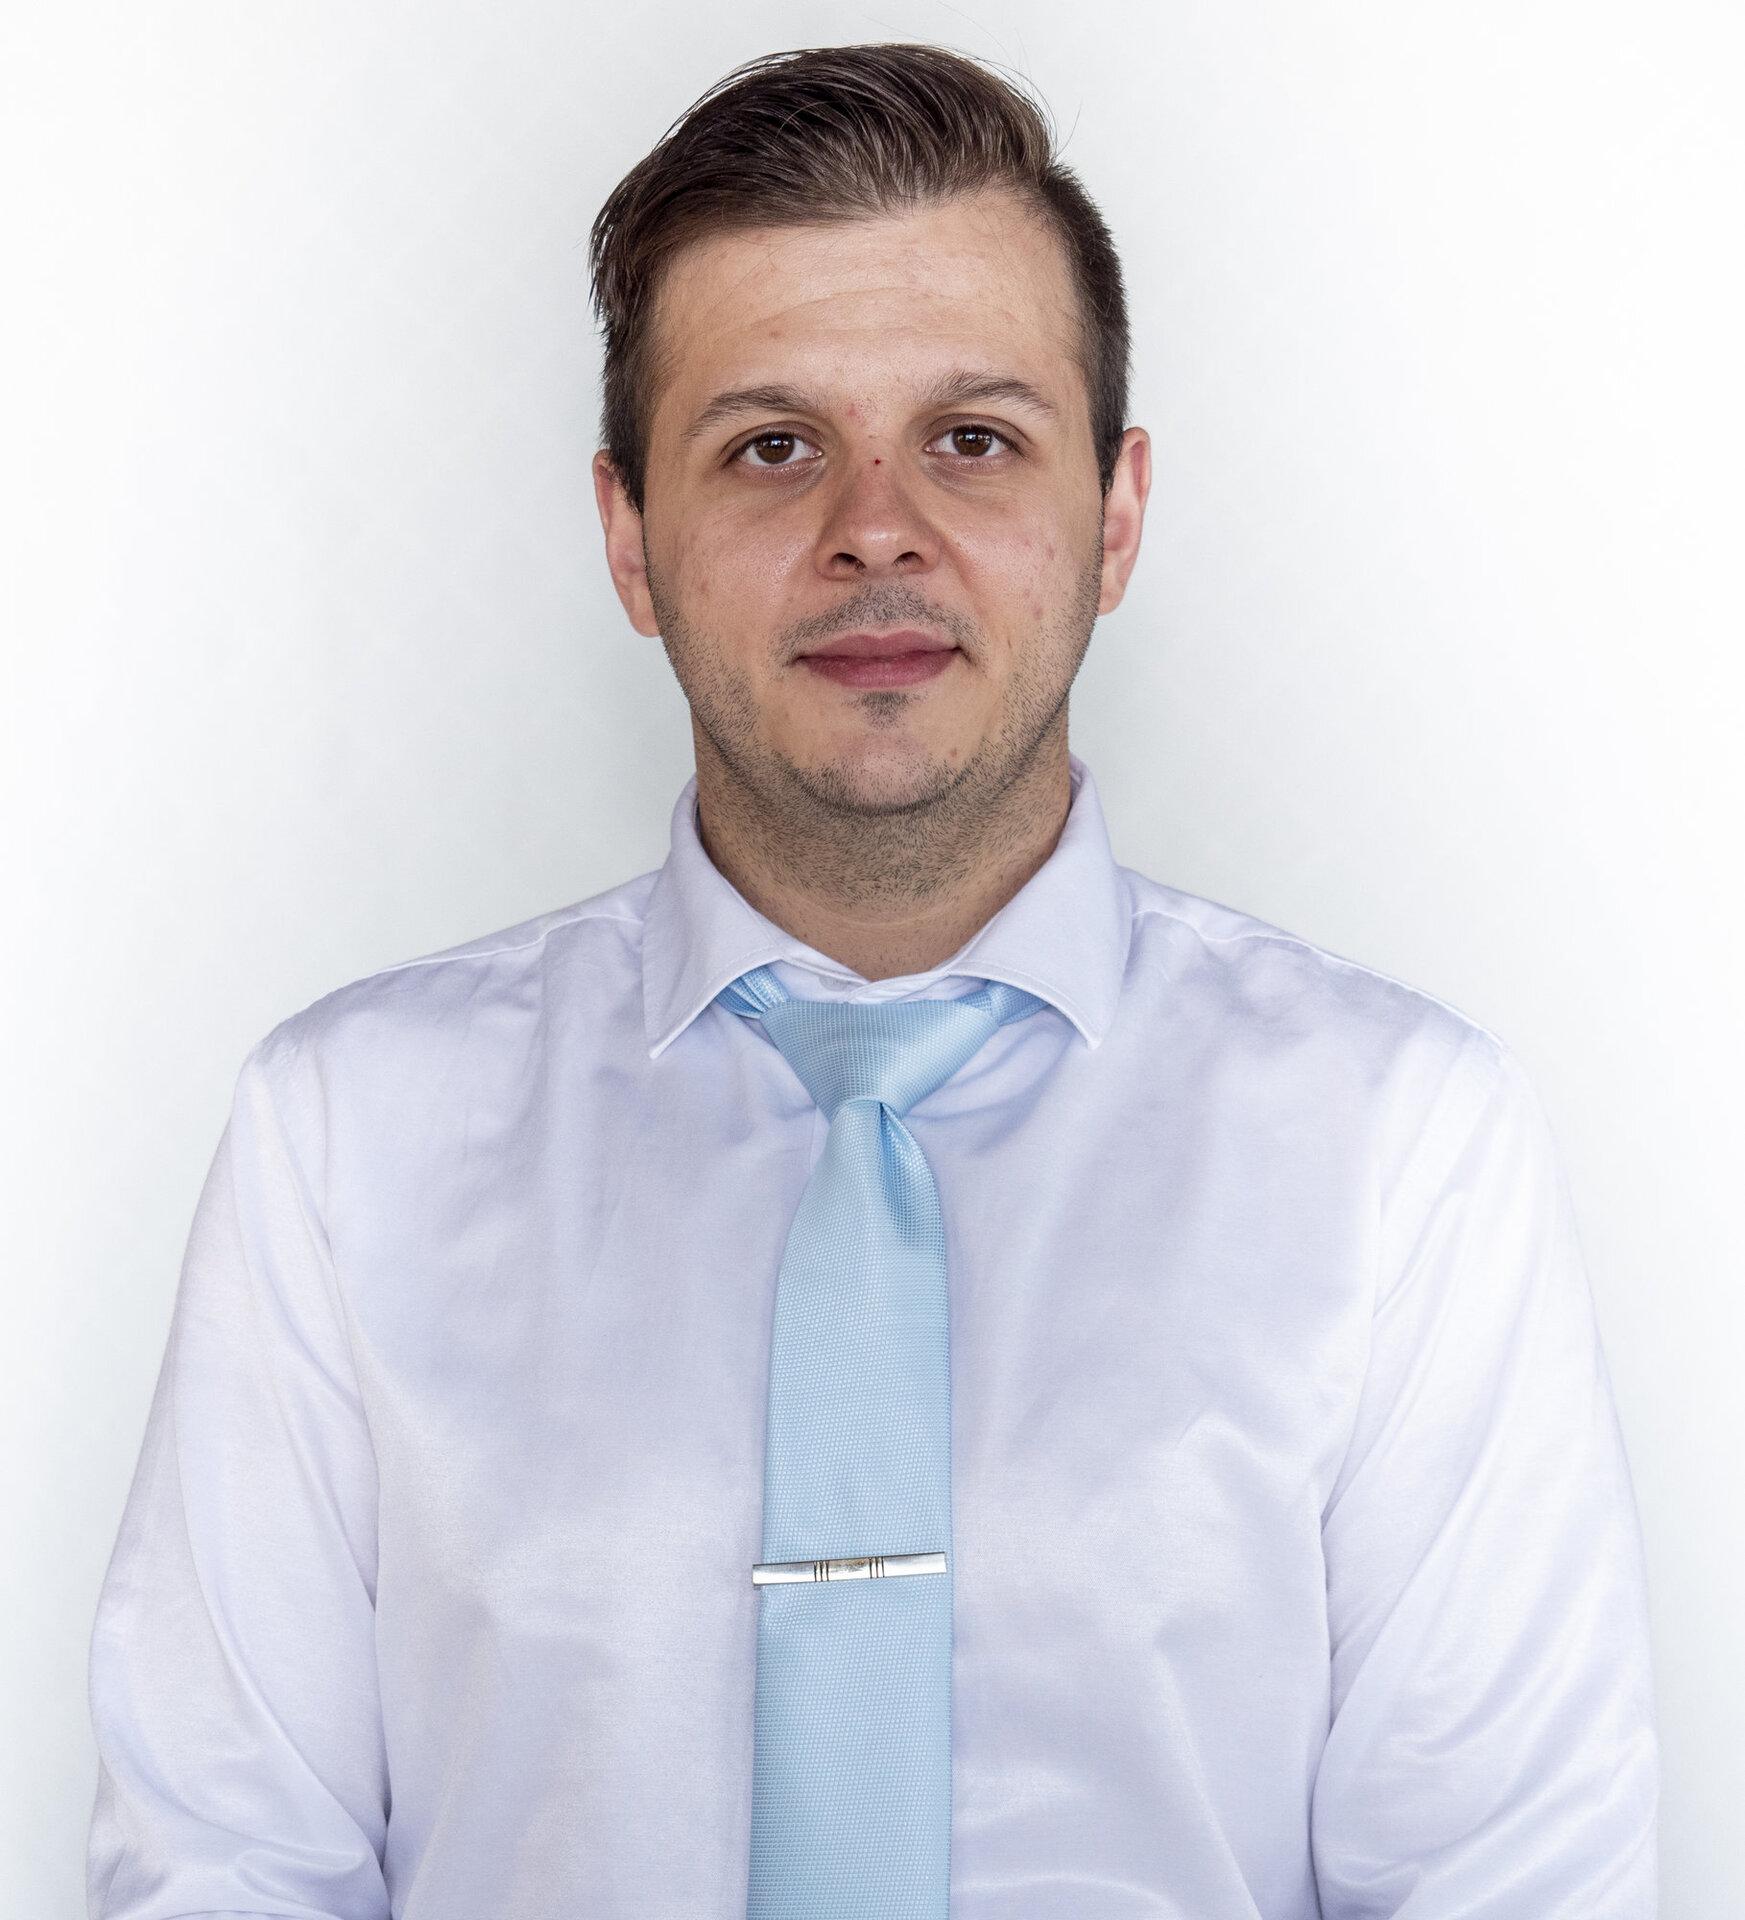 Zhorzh Kyushev